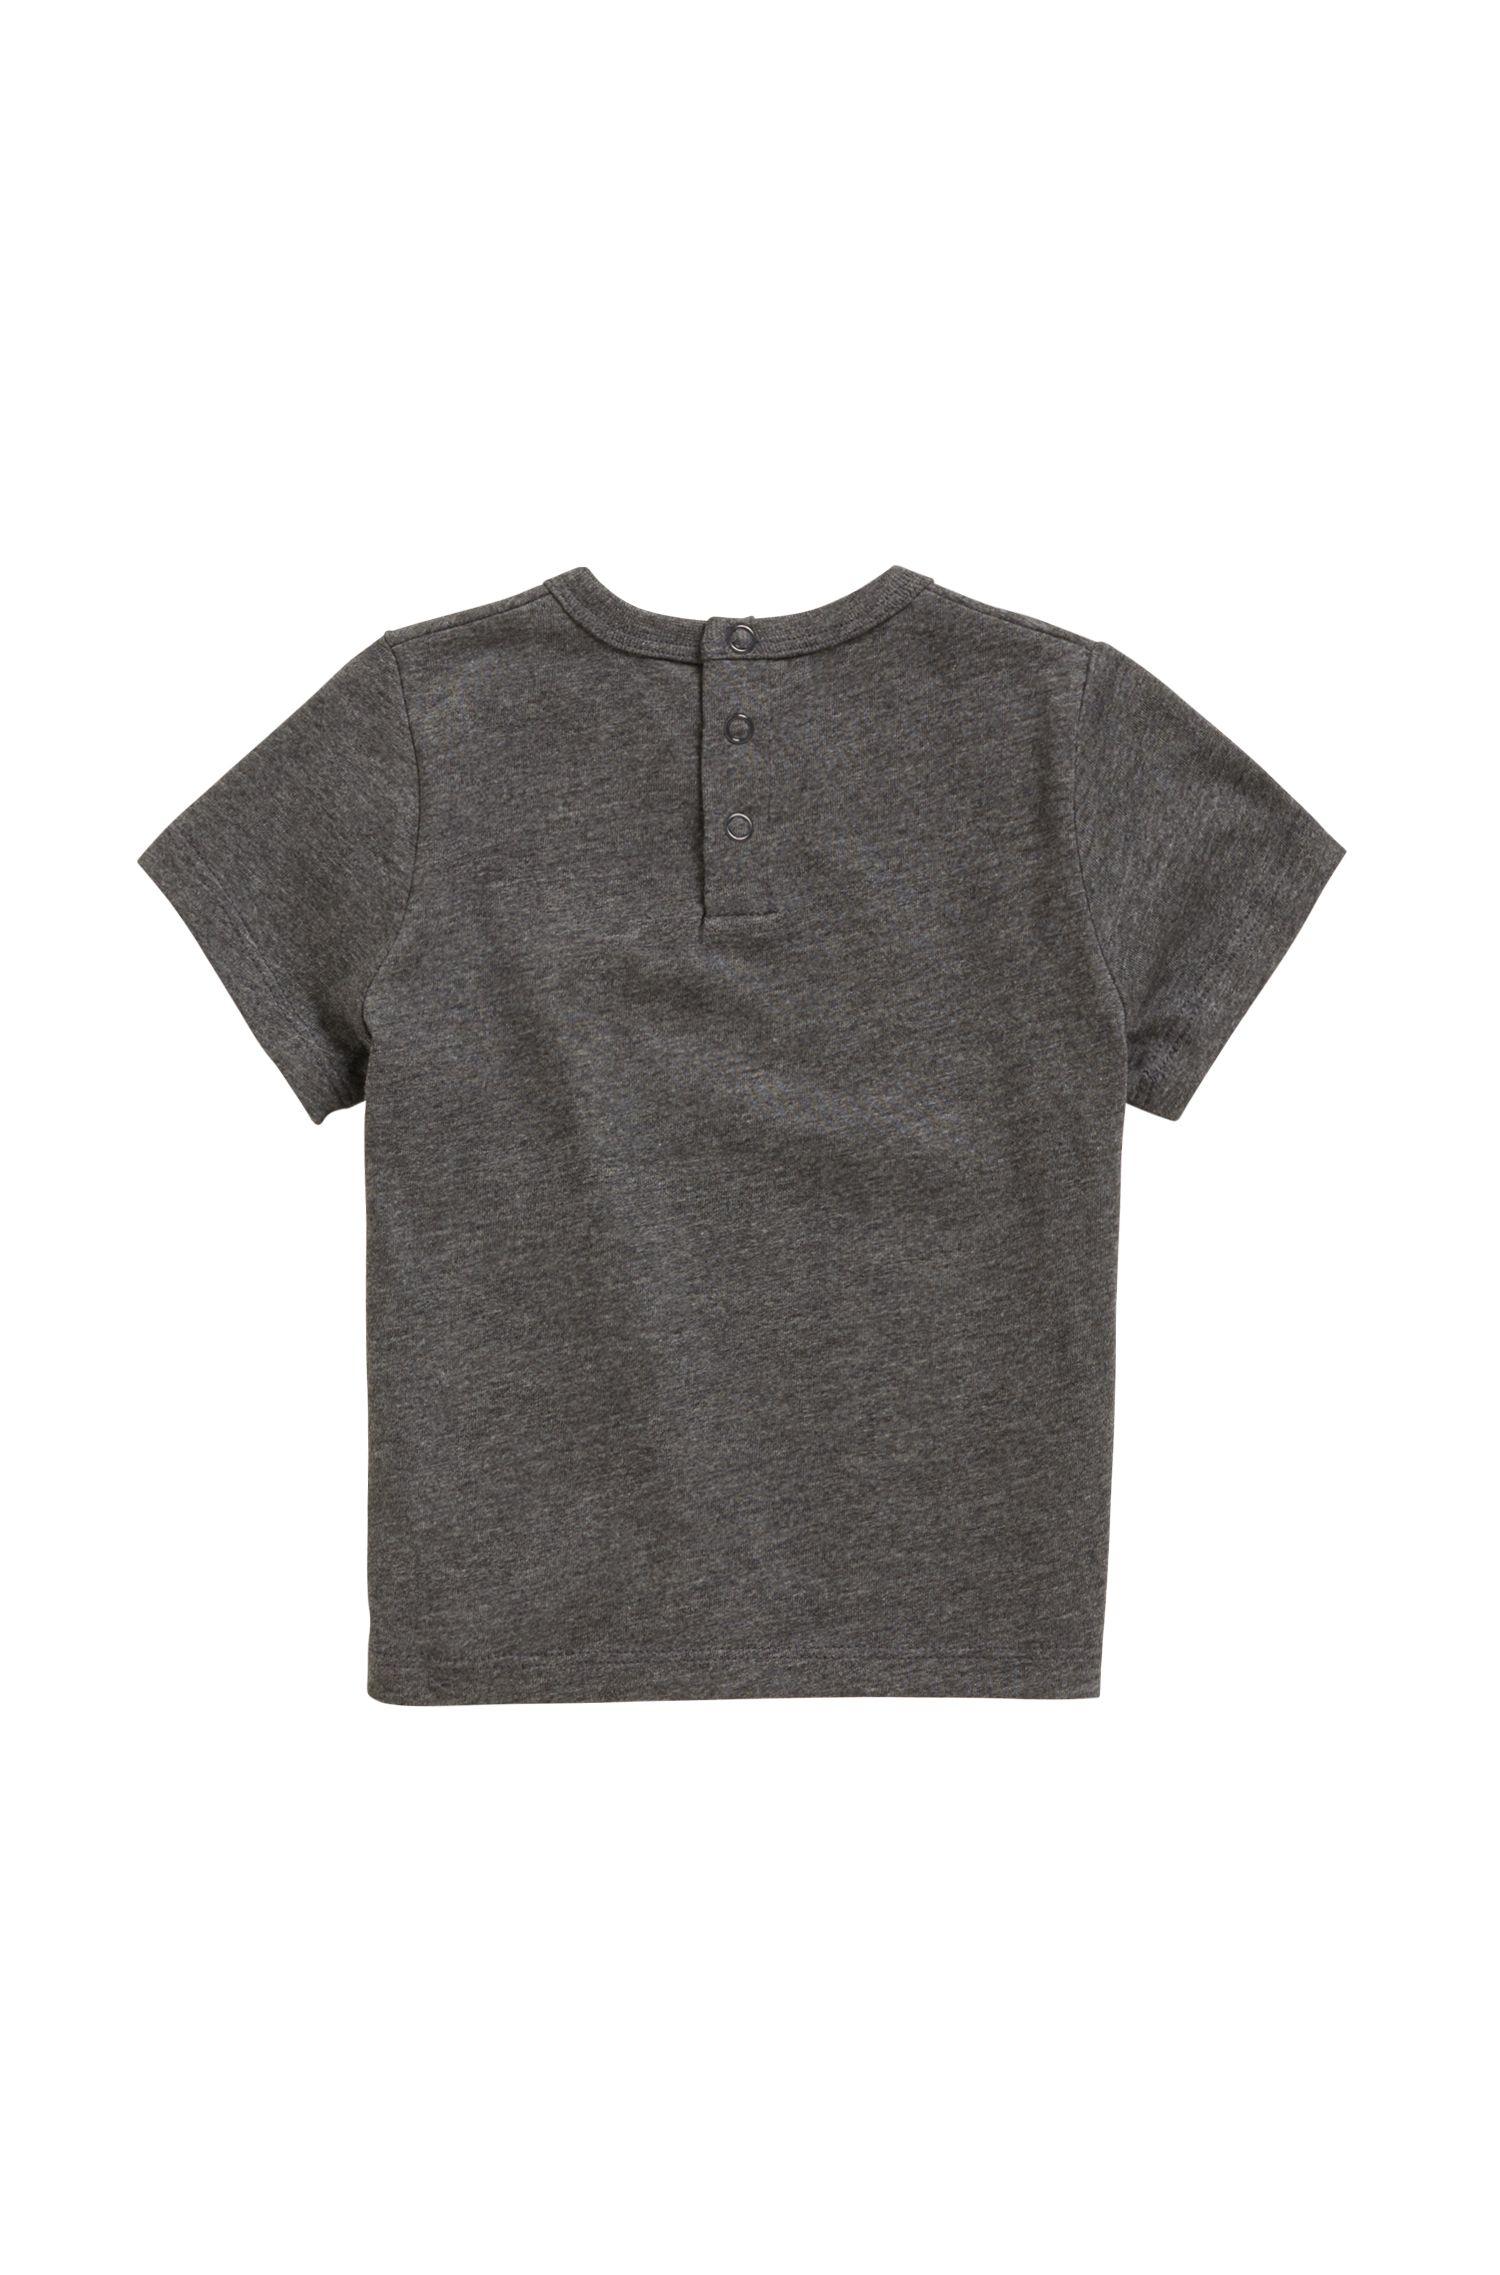 Kids-T-Shirt aus Baumwoll-Jersey mit Logo-Print, Anthrazit